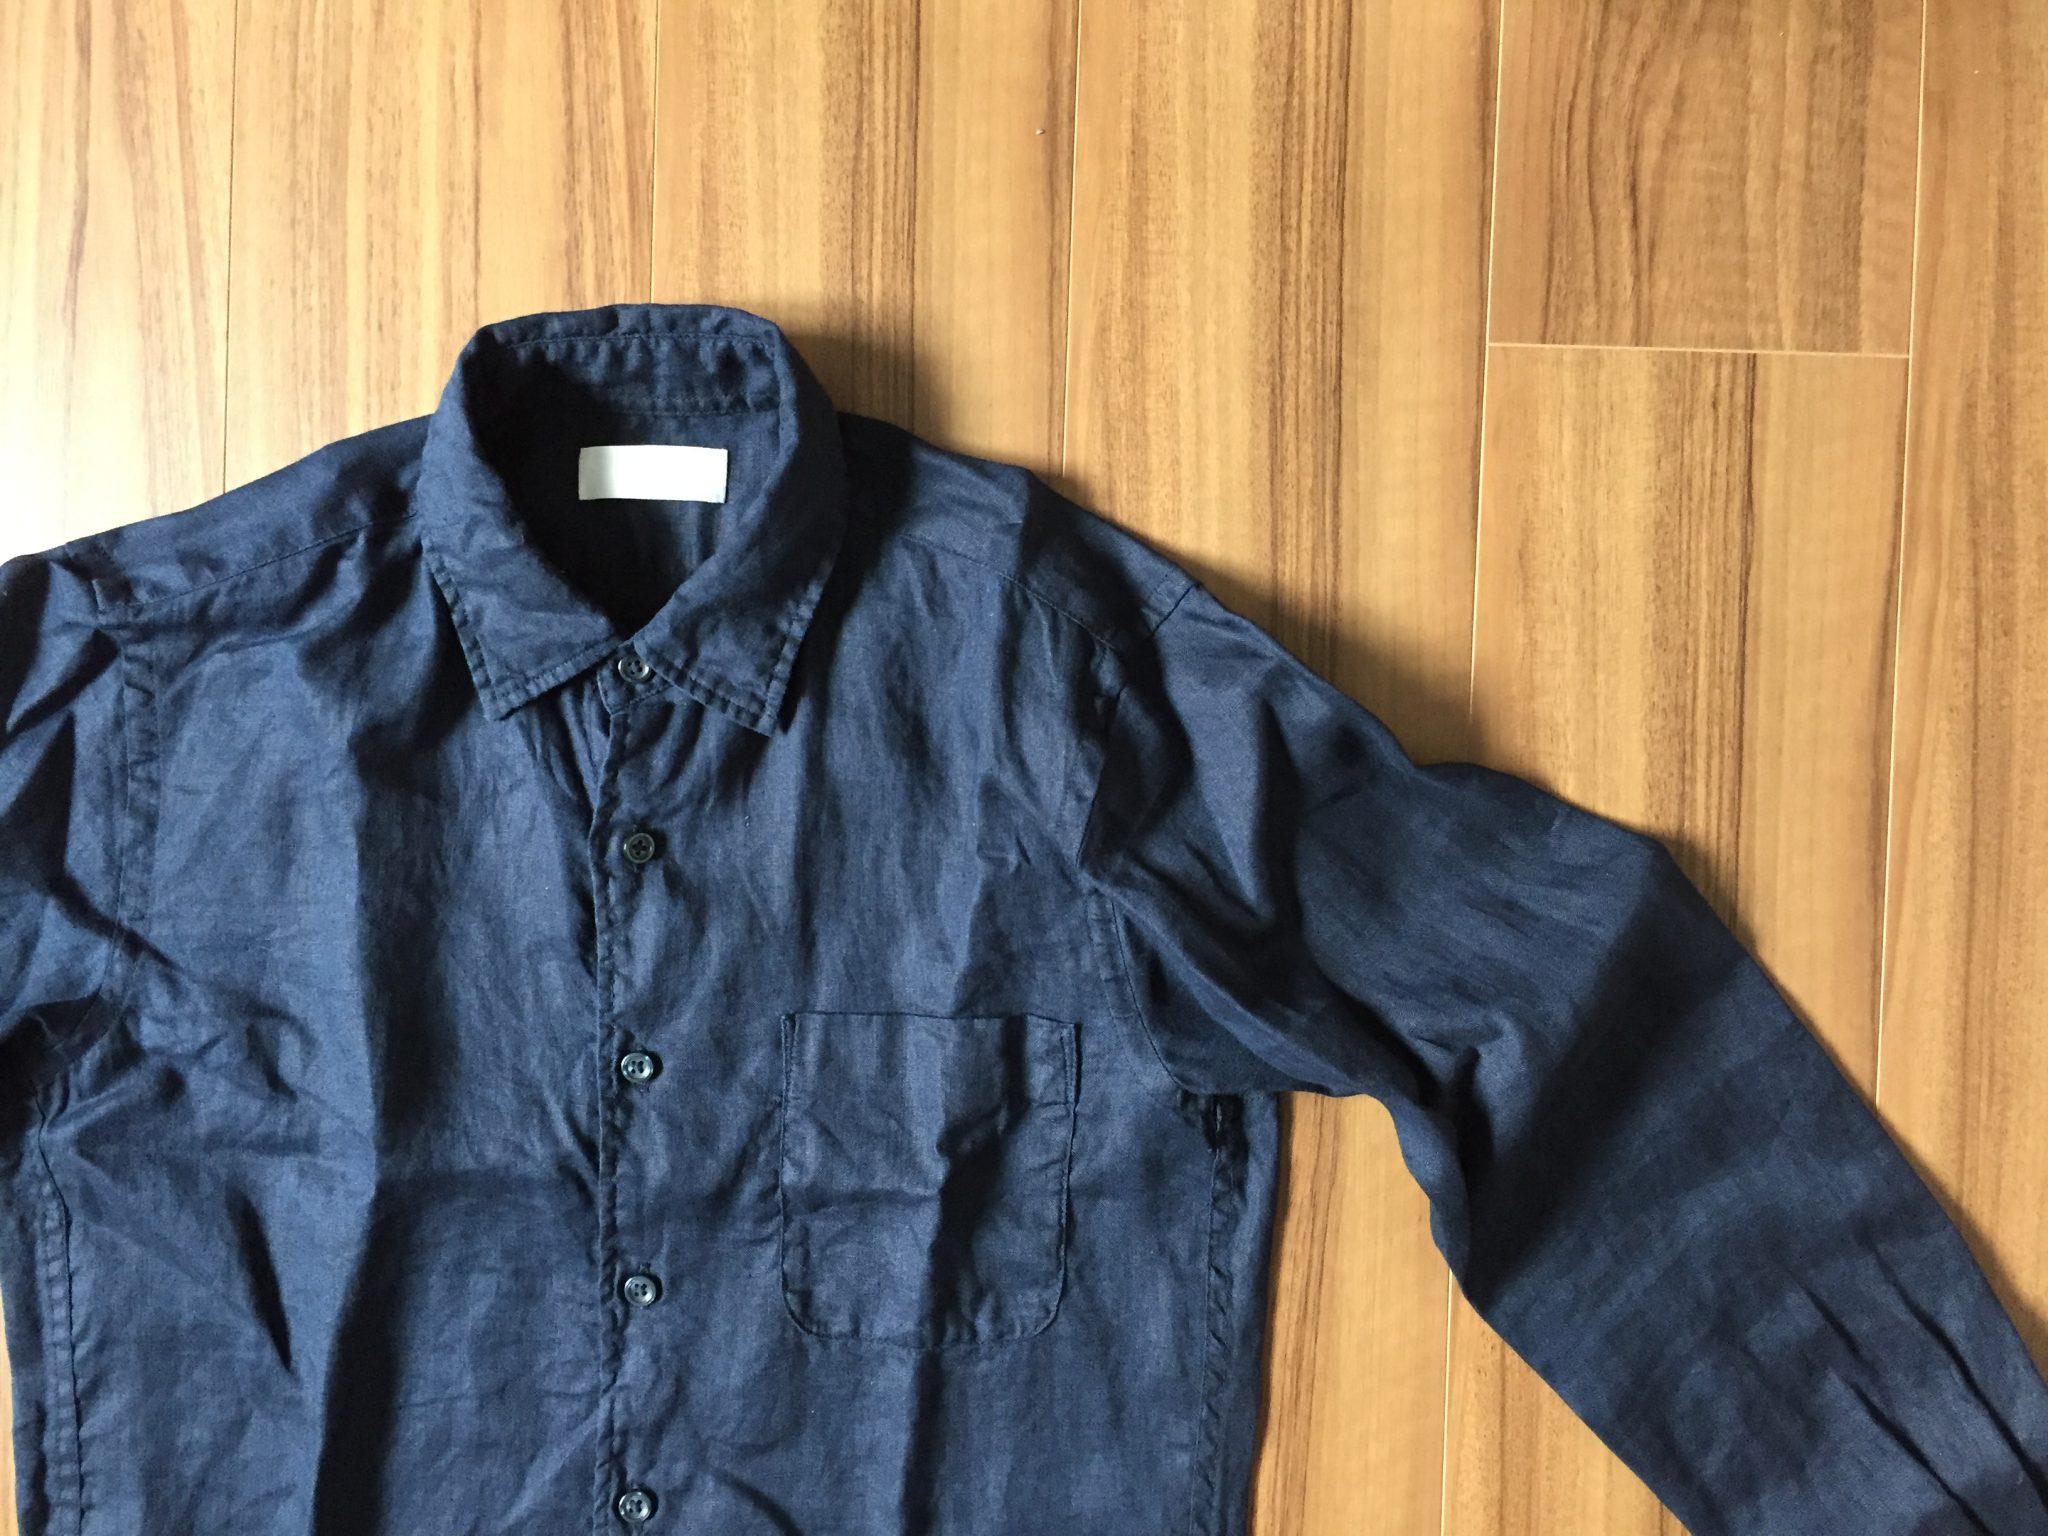 ネイビーのリネンシャツのエイジング(経年変化)の過程を記録しておきます